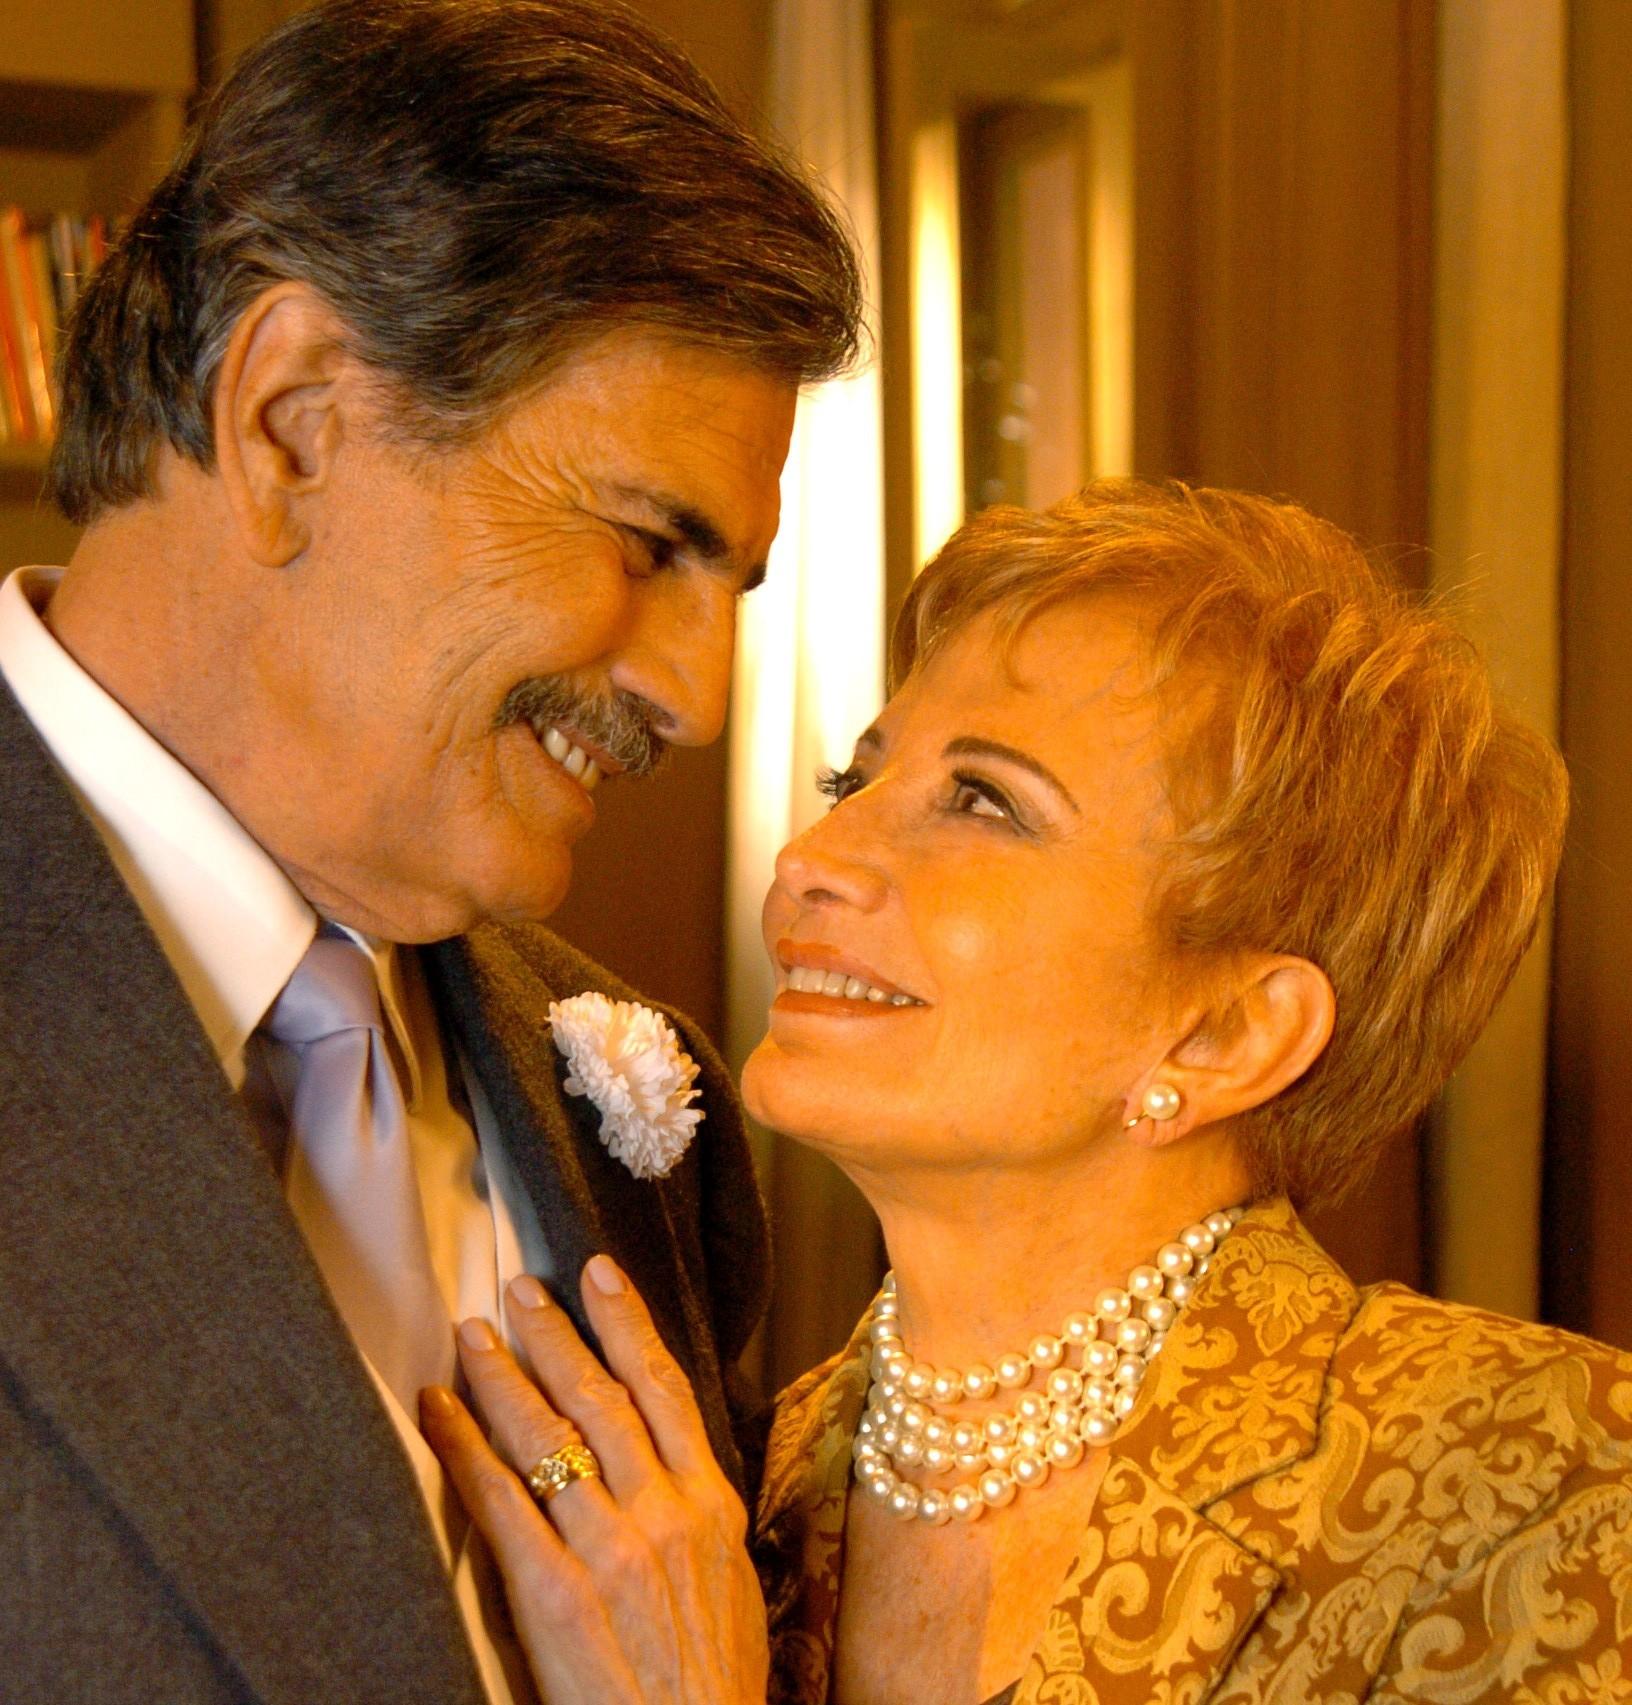 Glória Menezes e Tarcísio Meira. A parceria de amor começou há mais de cinquenta anos. Eles são considerados um dos relacionamentos mais estáveis do meio artístico / Renato Rocha Miranda-RG